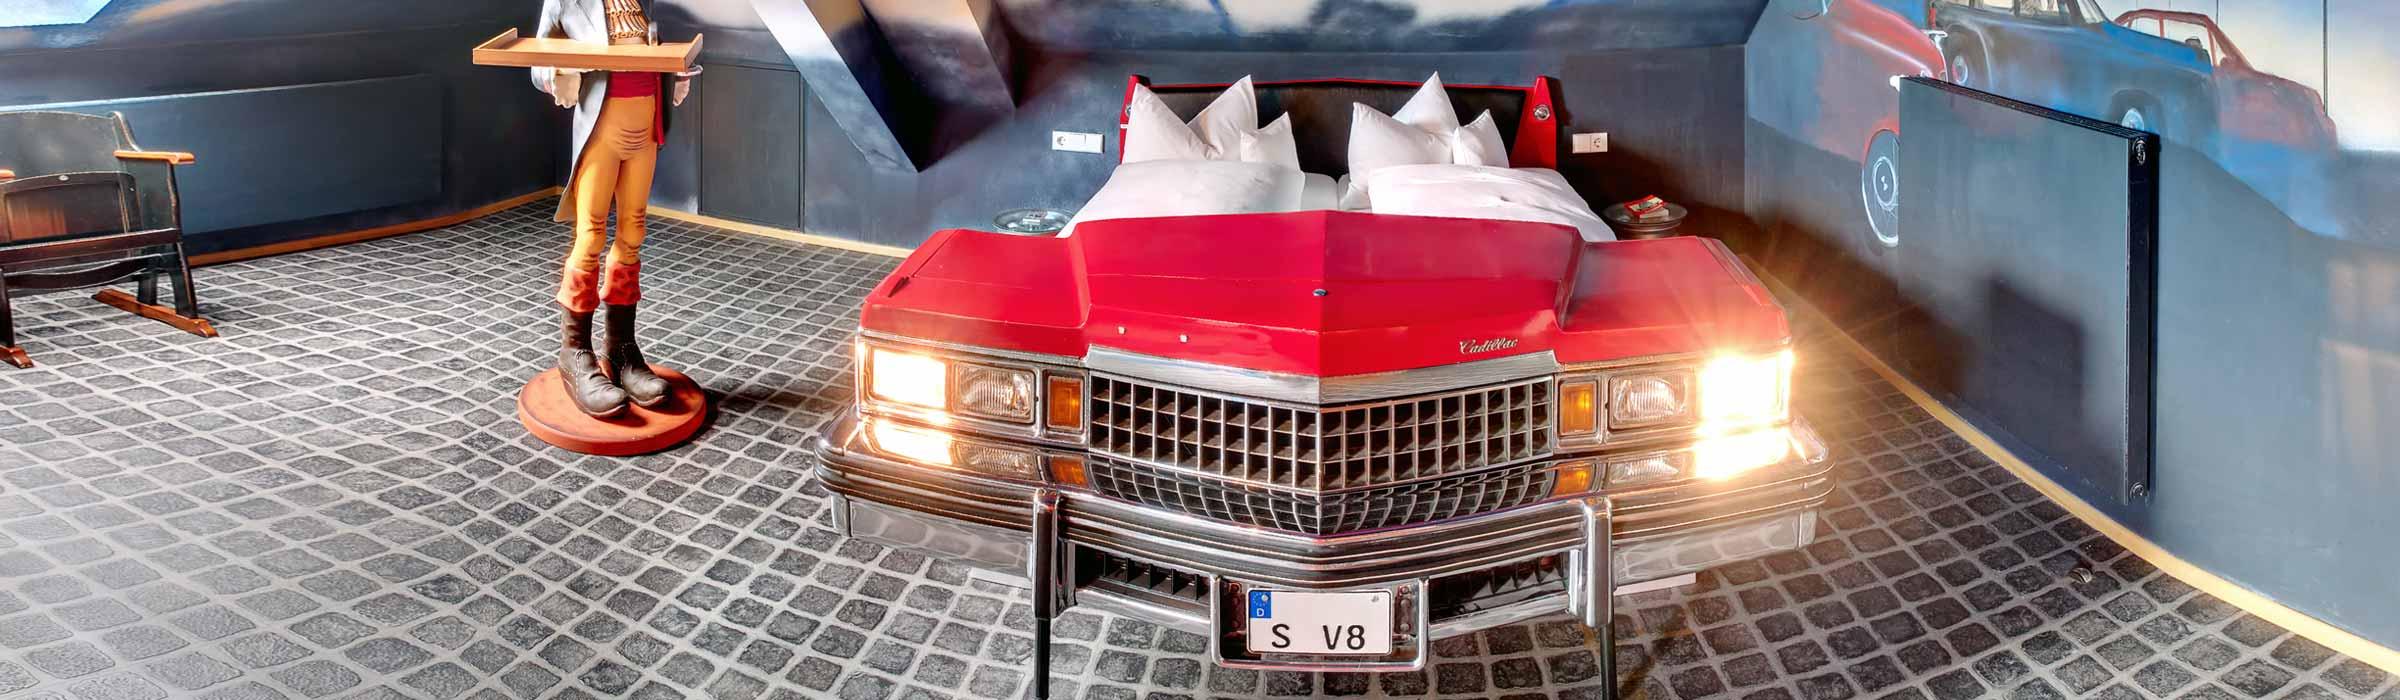 Themenzimmer Autokino V8 Hotel